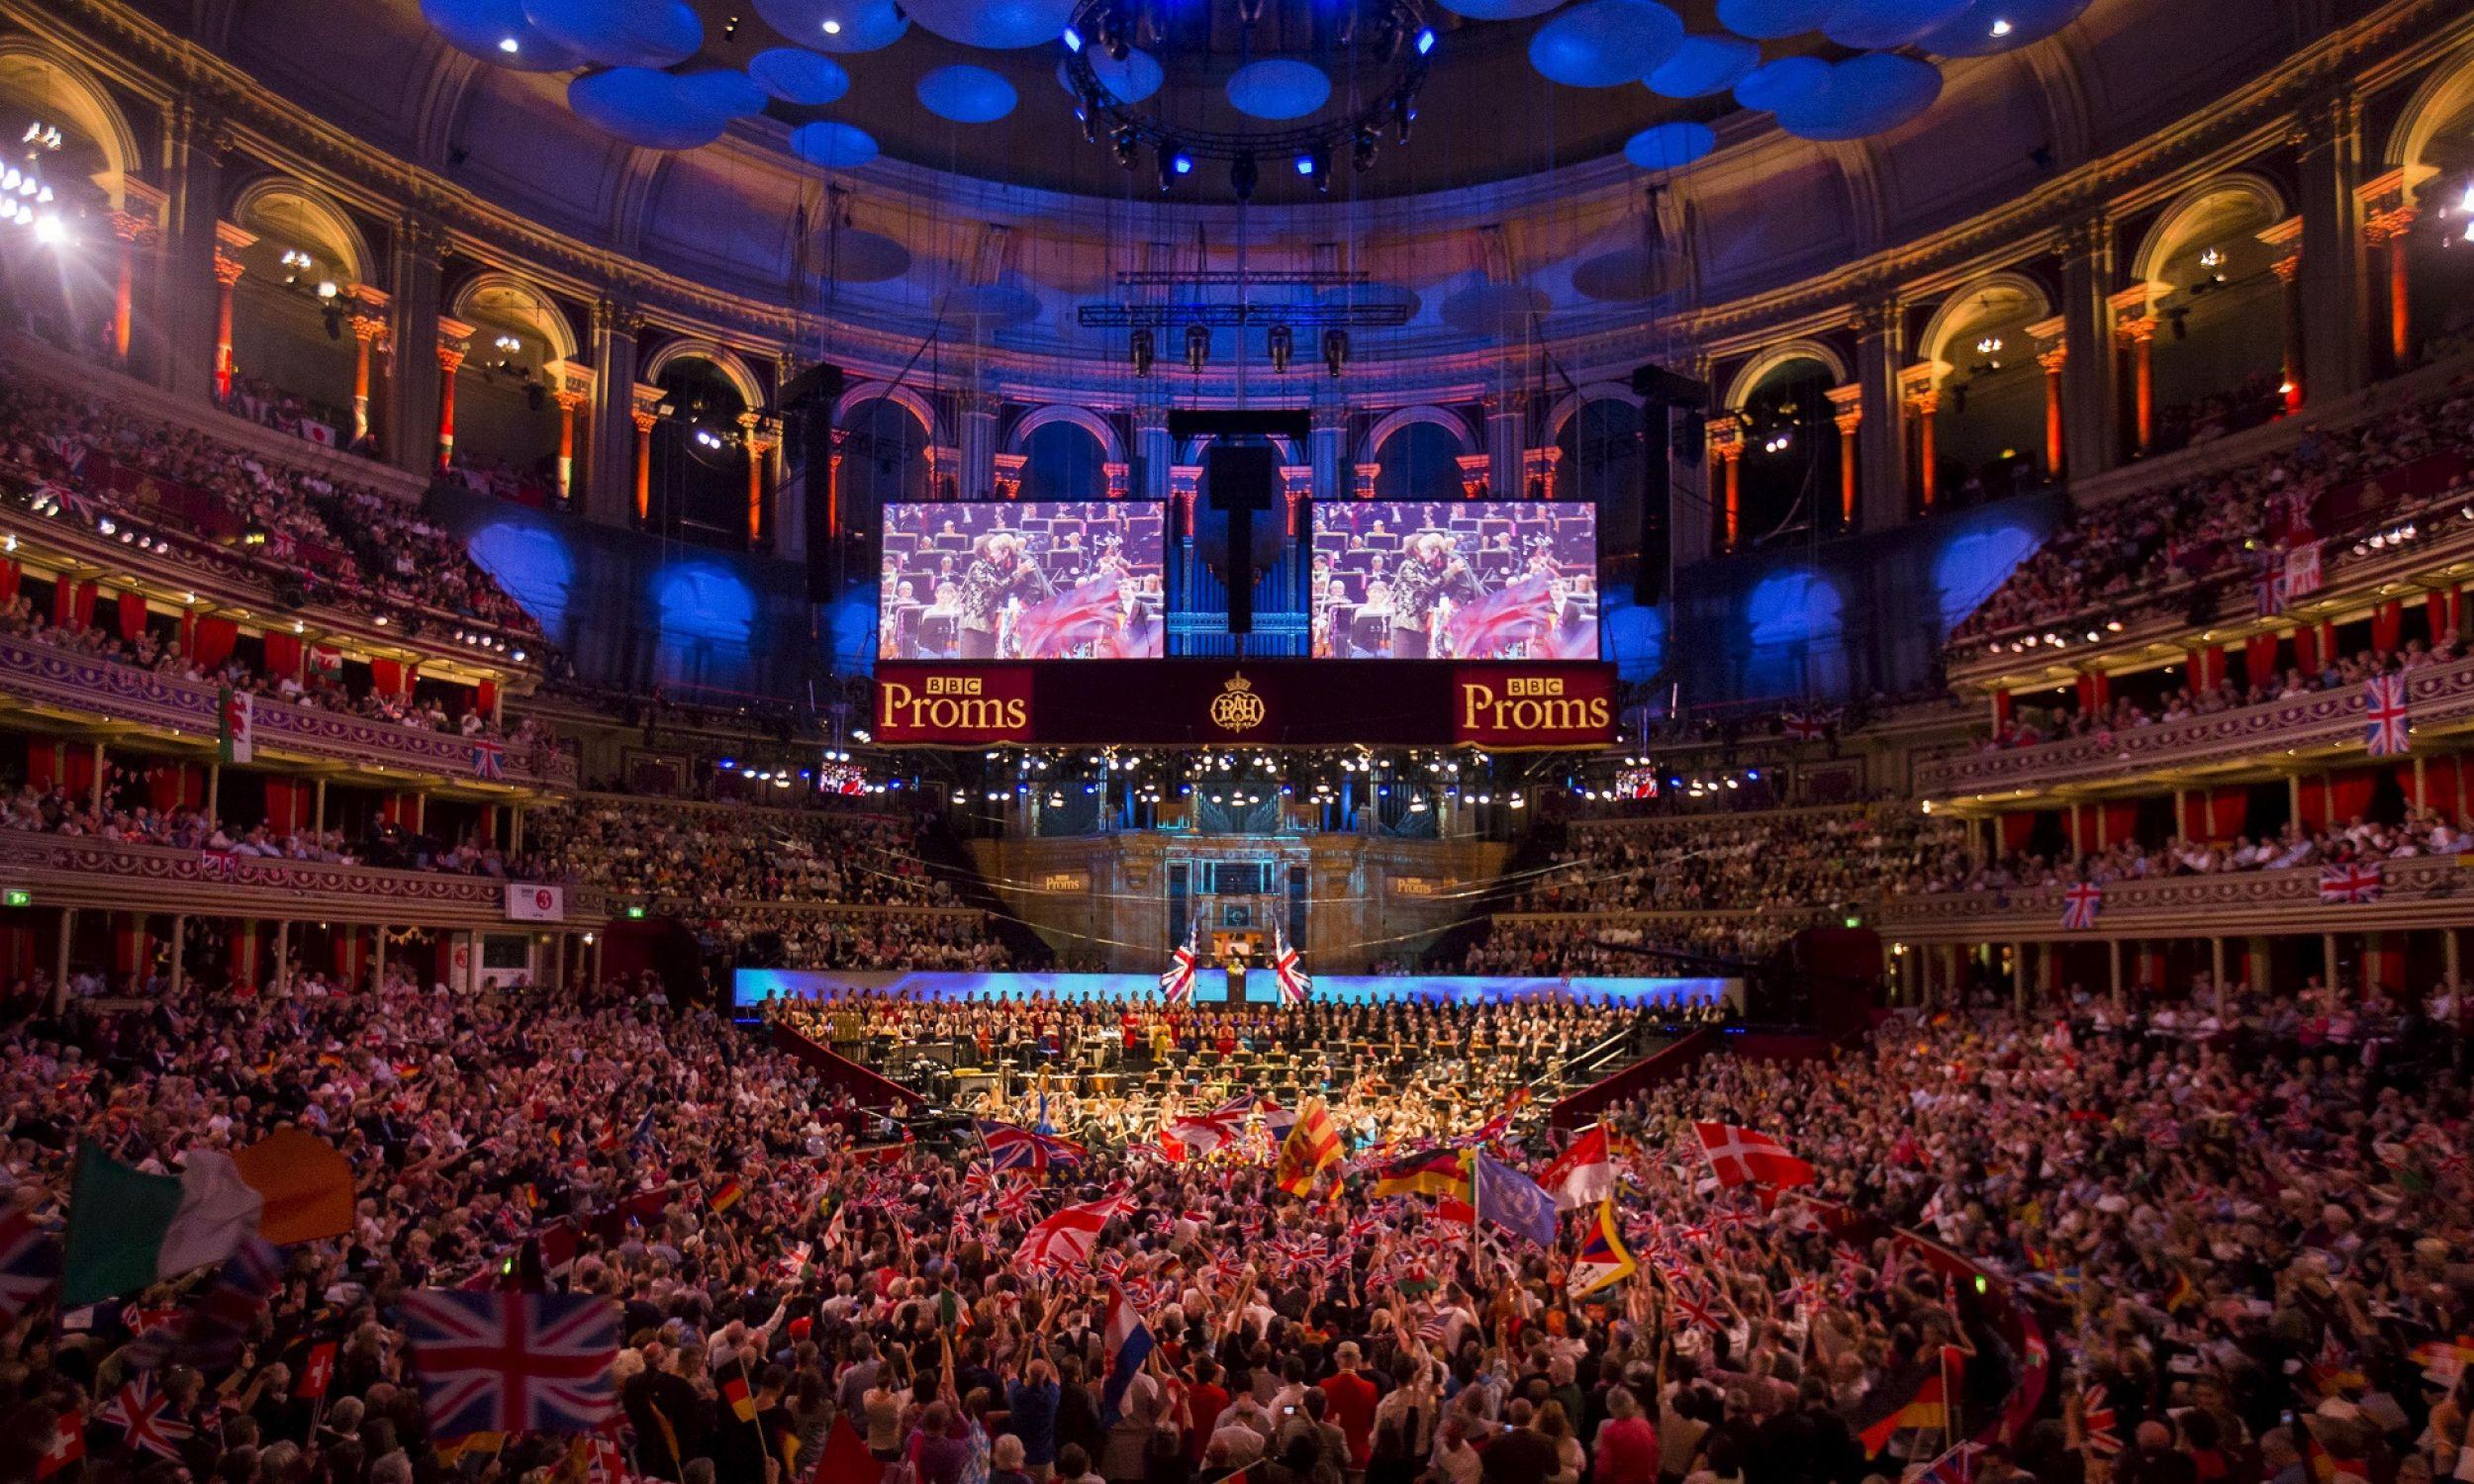 12 września 2015 roku. Koncert orkiestry BBC w londyńskiej Royal Albert Hall. Fot. REUTERS/Neil Hall